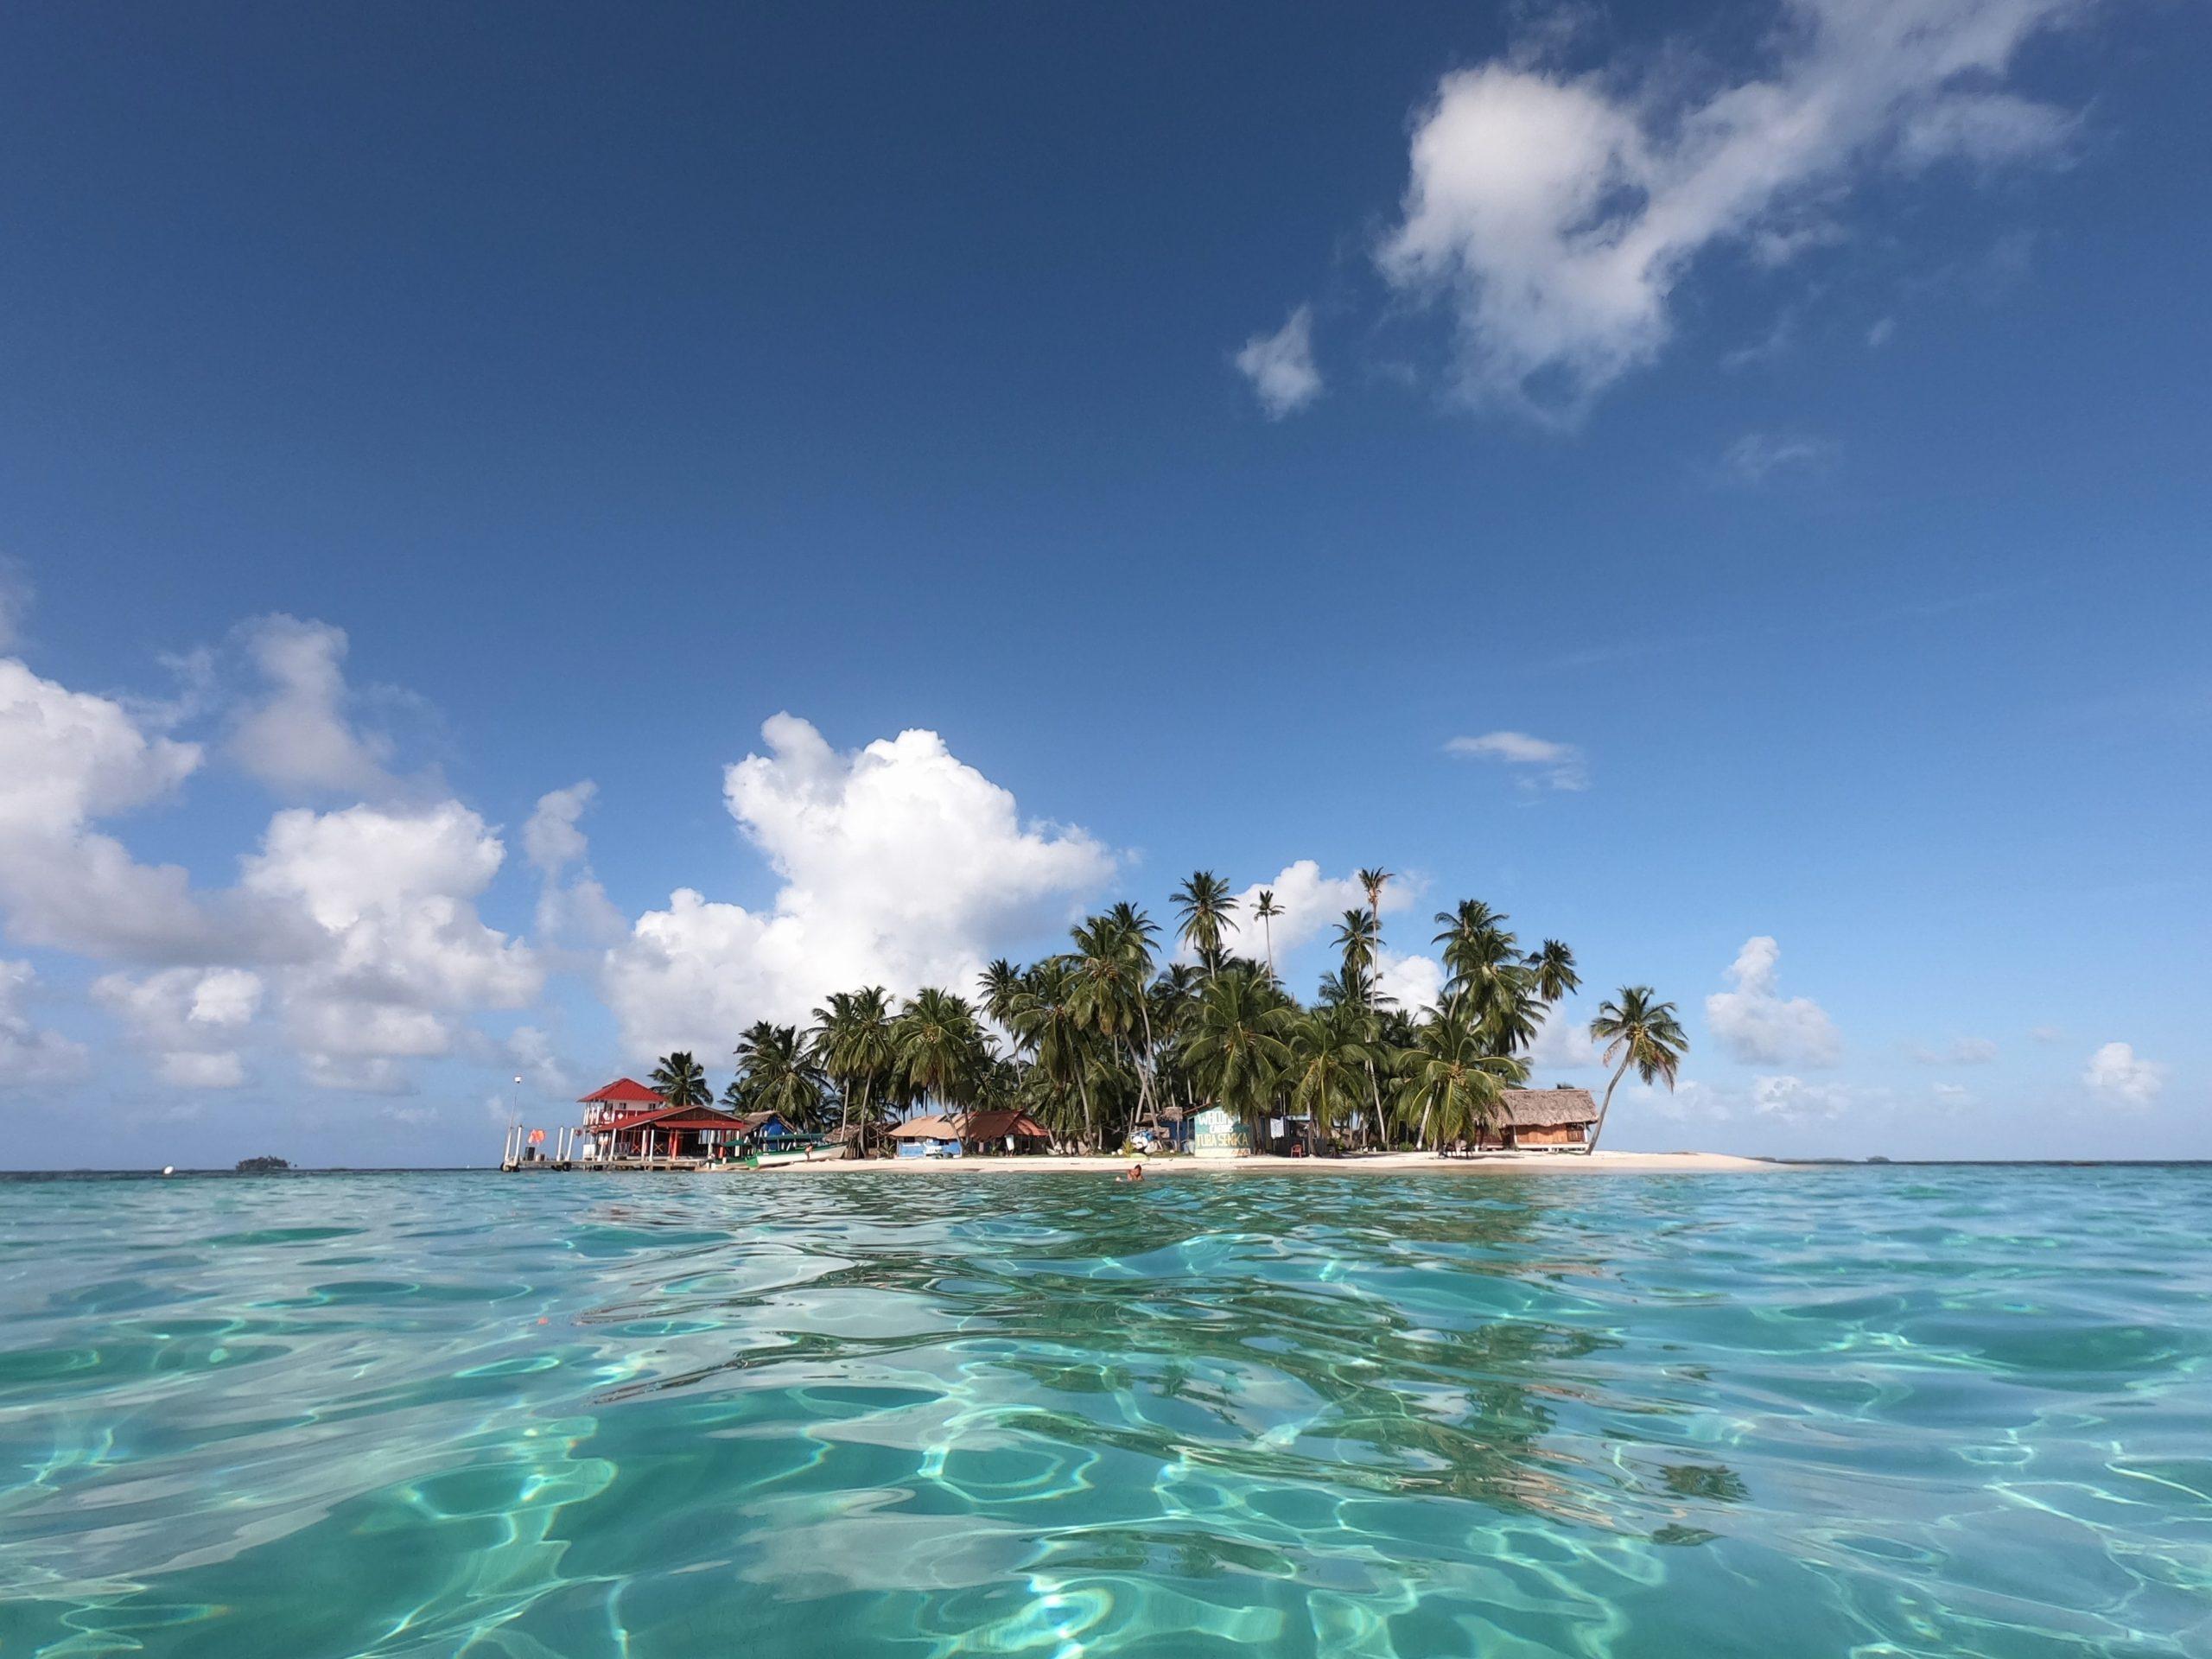 La isla de los ojos azules